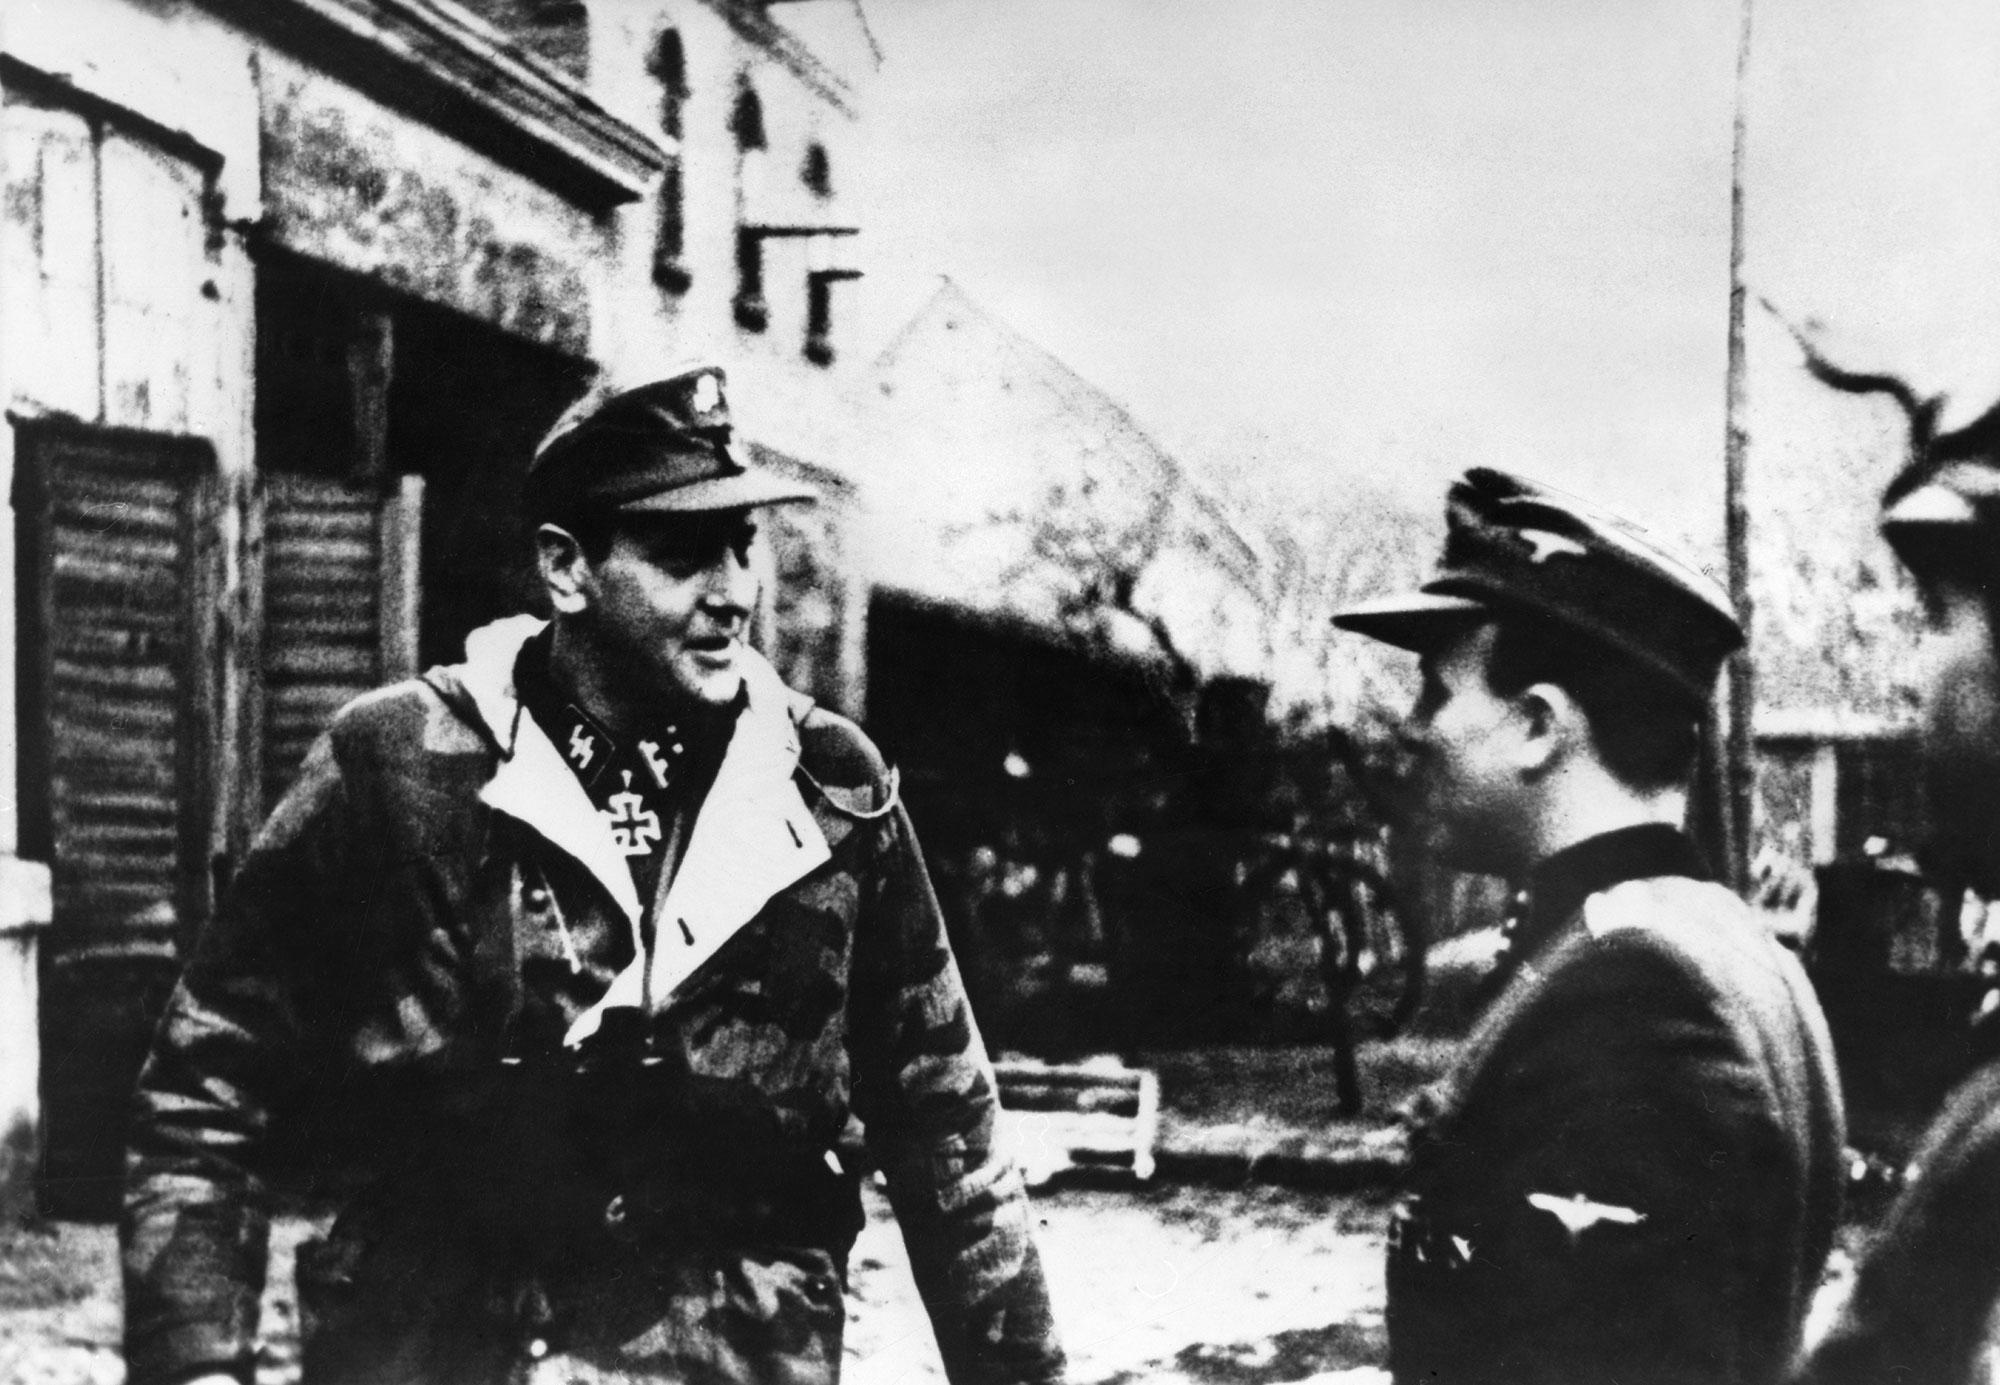 Офицер СС вкачестве оберштурмбаннфюрера (слева) икомандир дивизии «Шведт» впоследнем Одербрюккенкопфе вШведте наОдере, февраль 1945 г